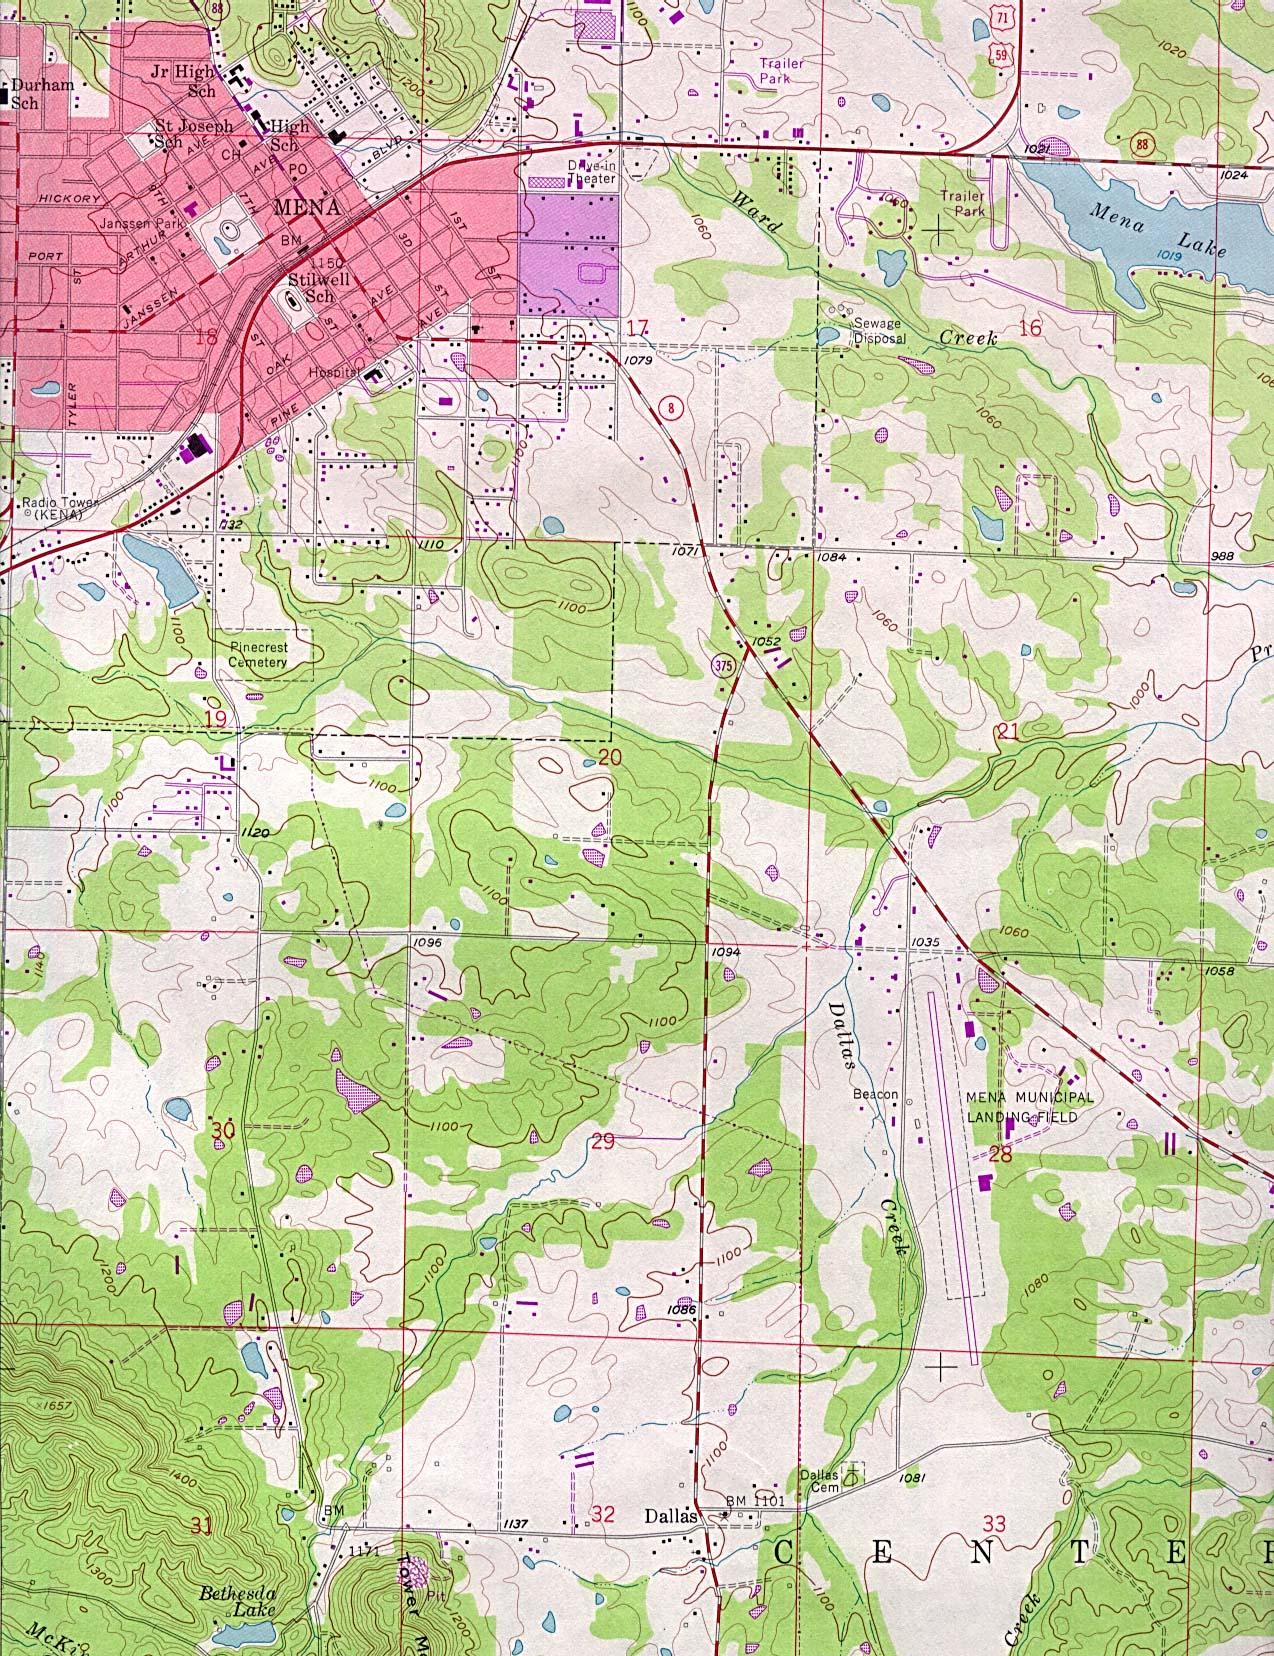 Mapa Topográfico de la Ciudad de Mena, Arkansas, Estados Unidos